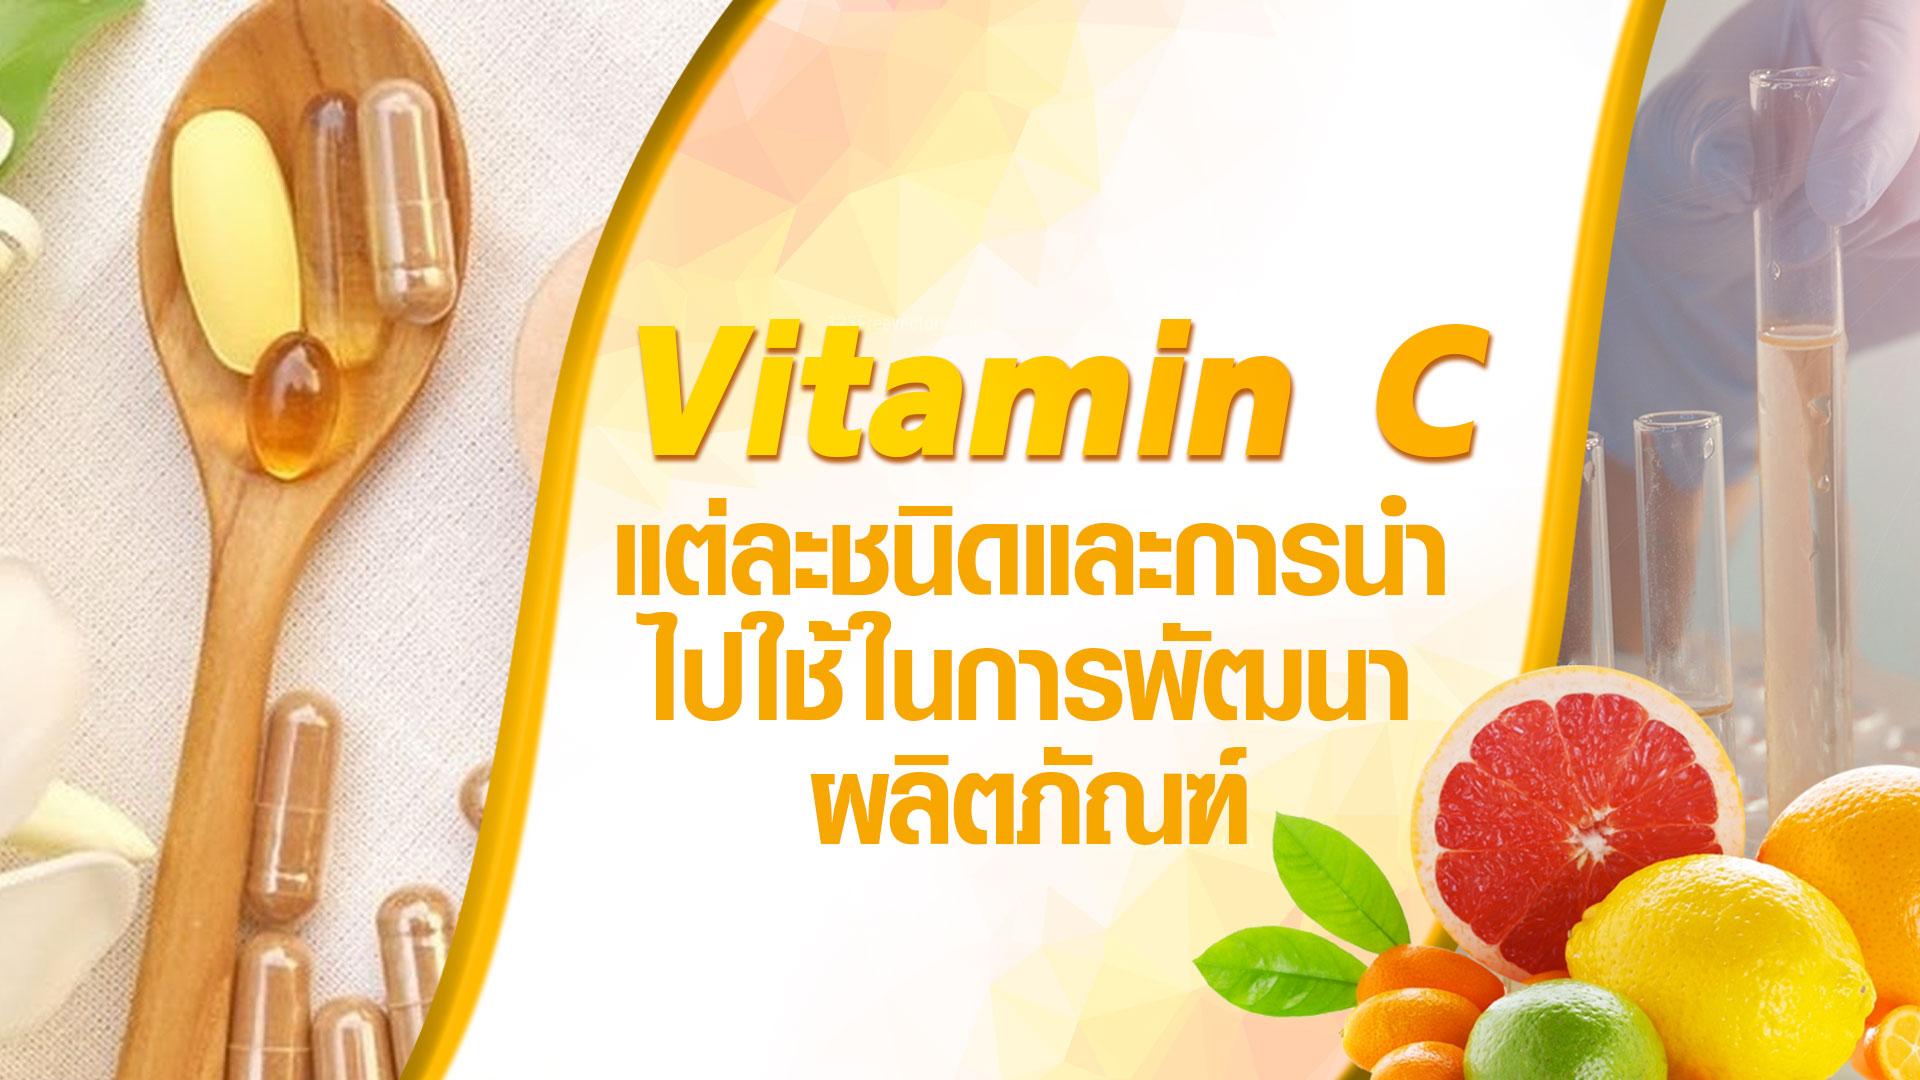 Vitamin C แต่ละชนิดและการนำไปใช้ในการพัฒนาผลิตภัณฑ์